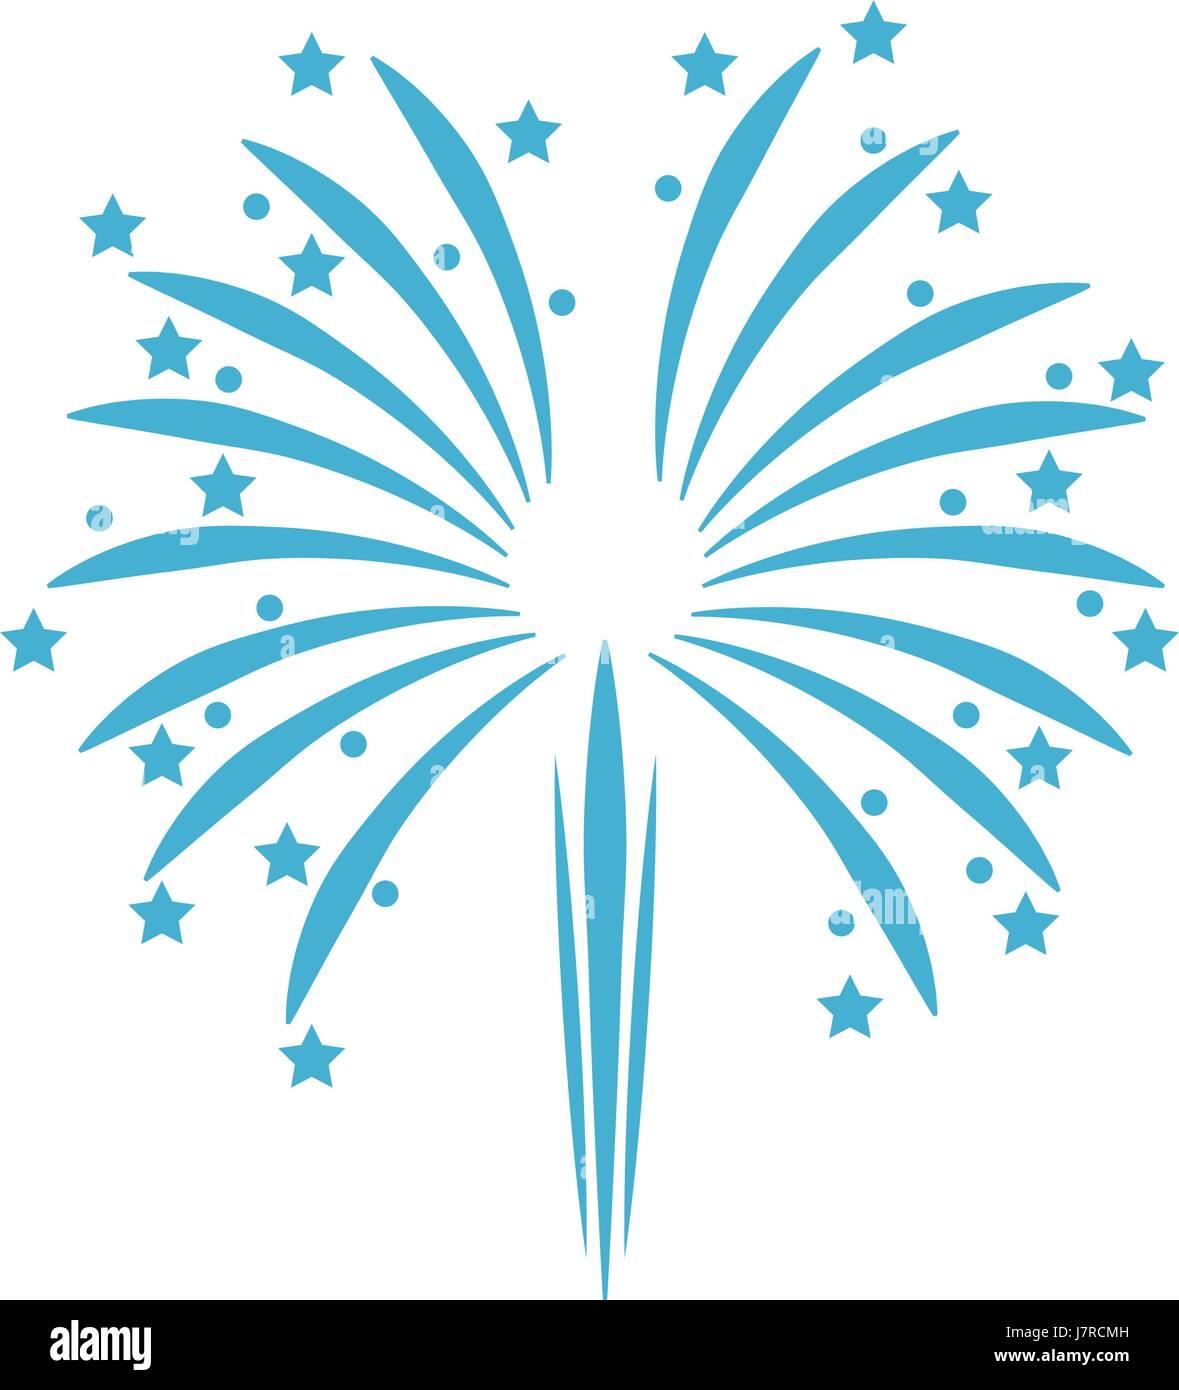 Celebración de fuegos artificiales azules patriotismo partido nacional Imagen De Stock